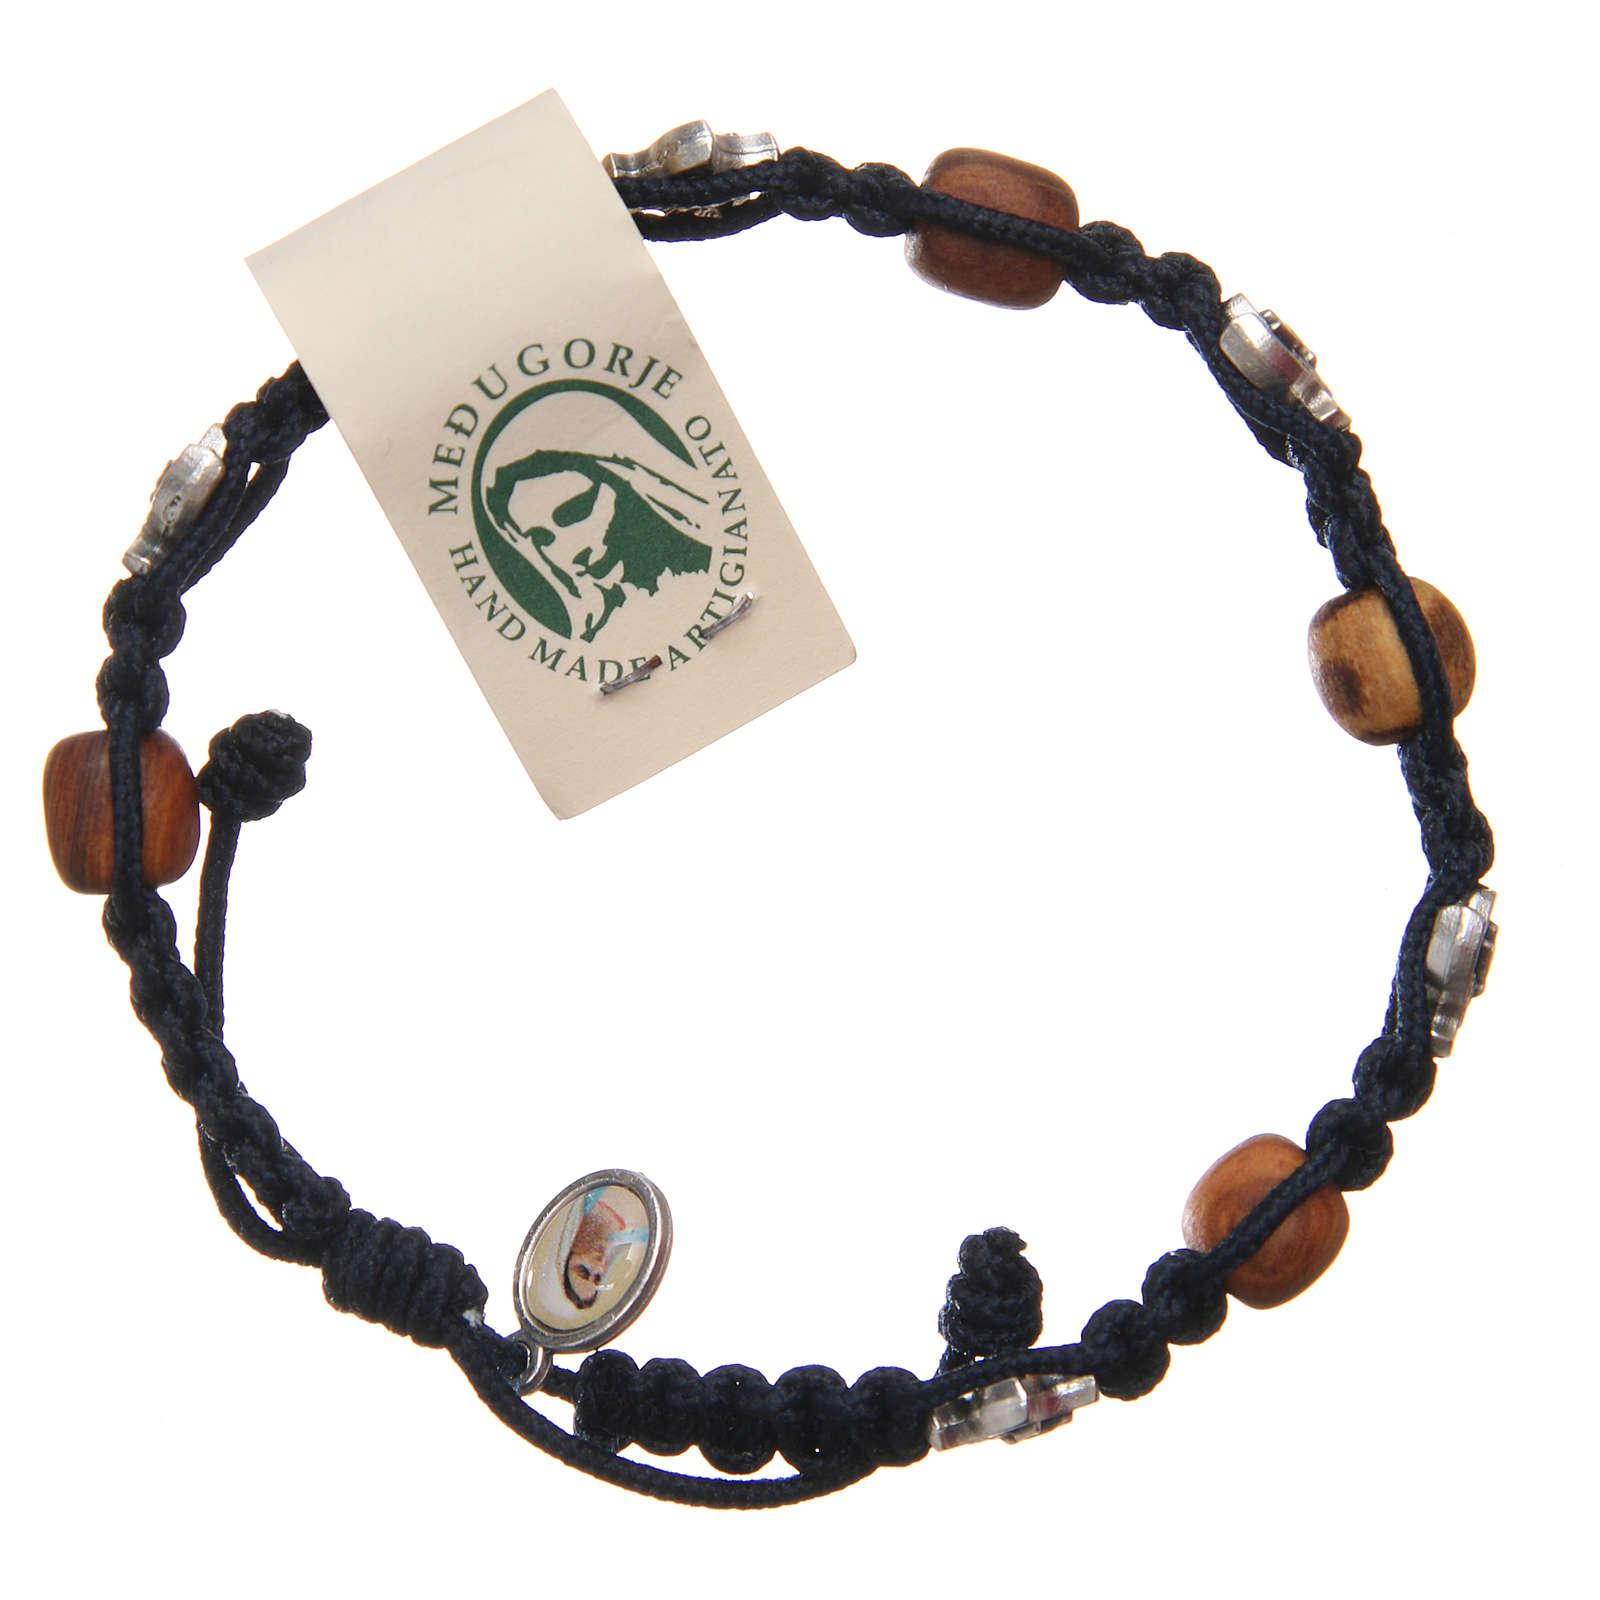 Braccialetto Medjugorje corda blu scuro legno ulivo 4